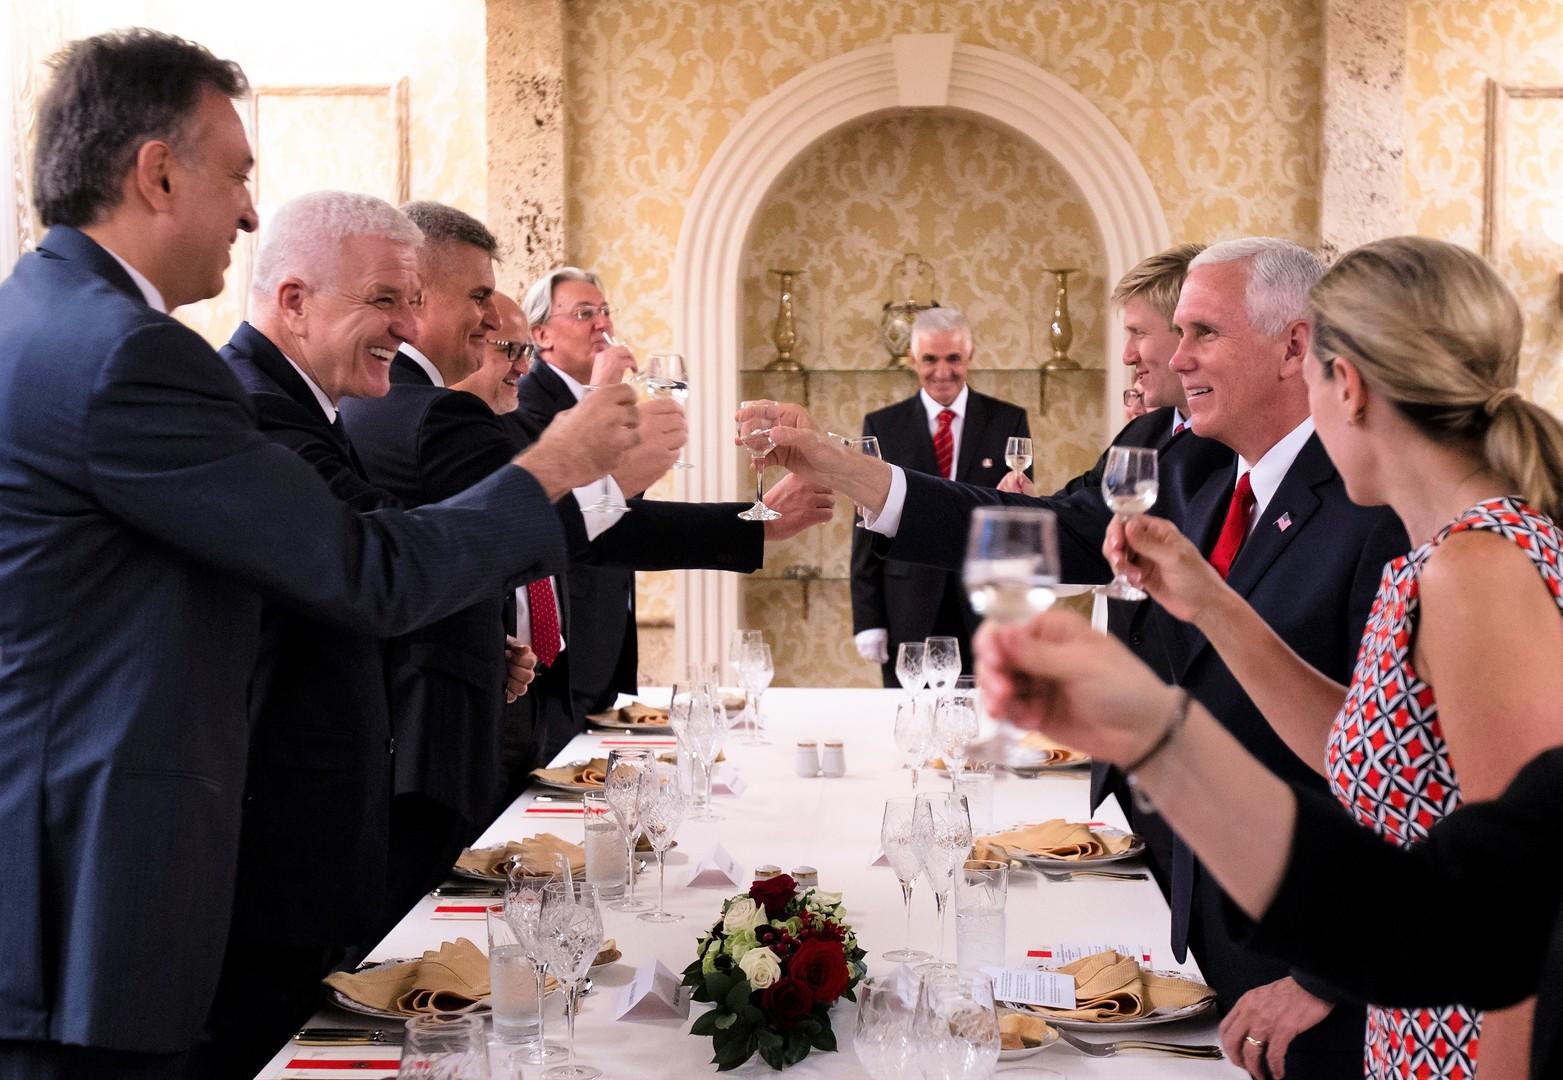 Nach russophoben Ausfällen von US-Vize: Serbischer Außenminister Ivica Dačić kontert Mike Pence